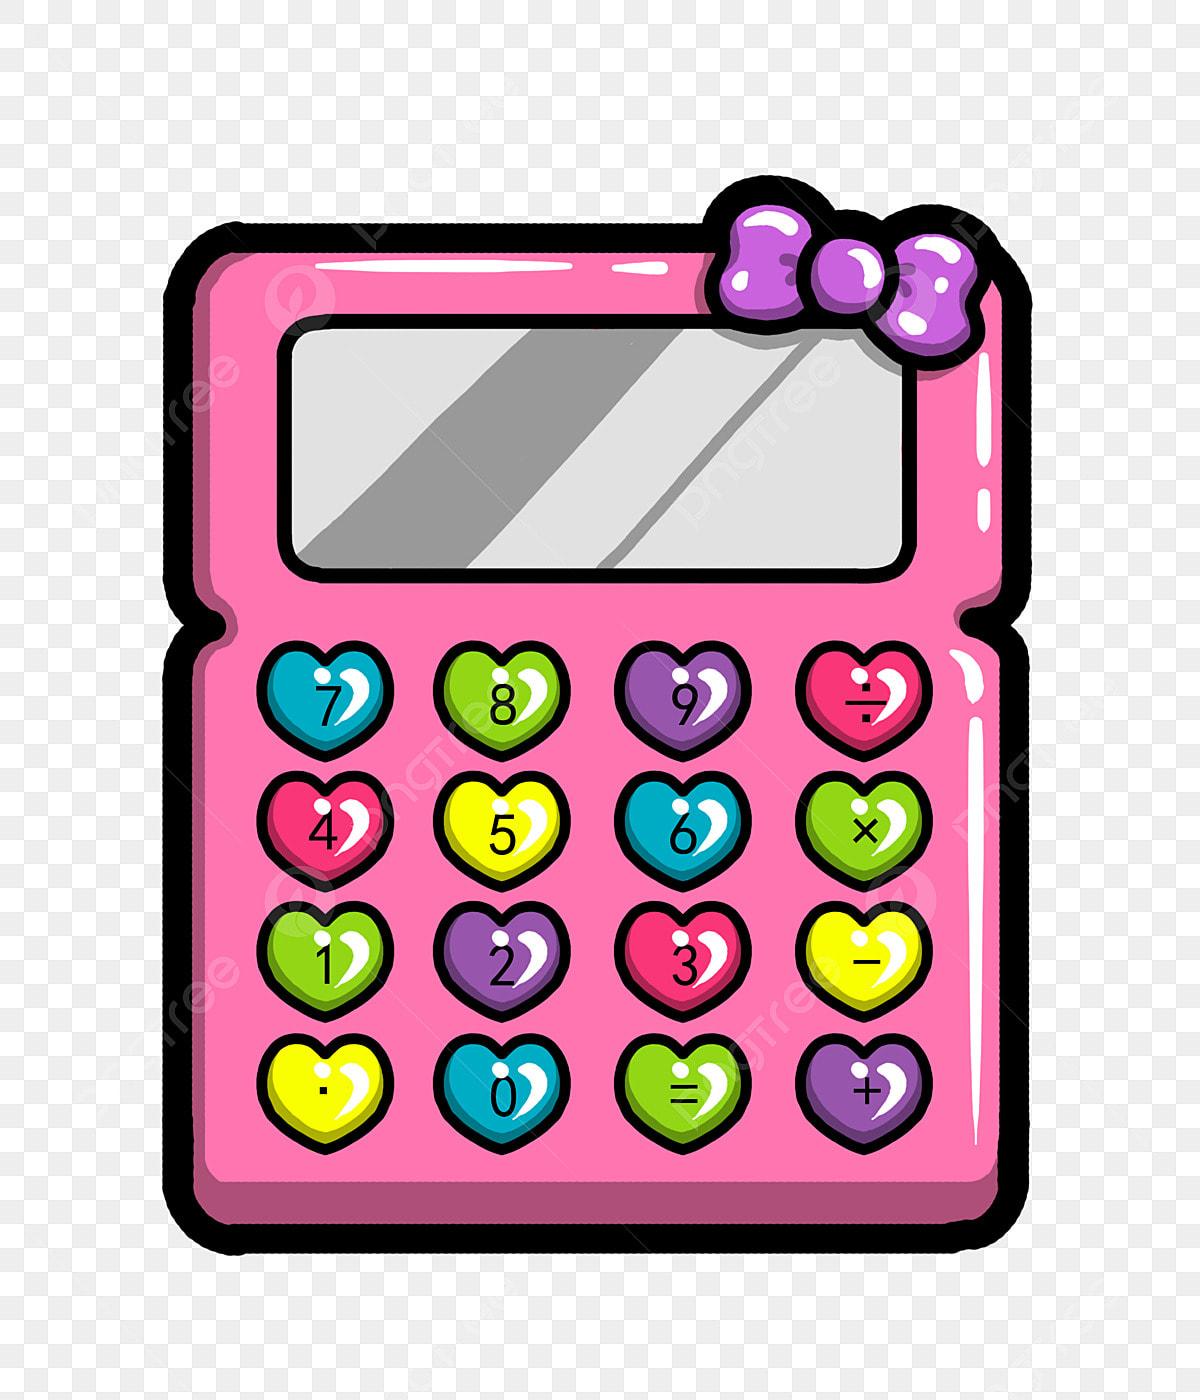 حاسبة جميلة - آلة حاسبة صغيرة صغيرة Ù ...